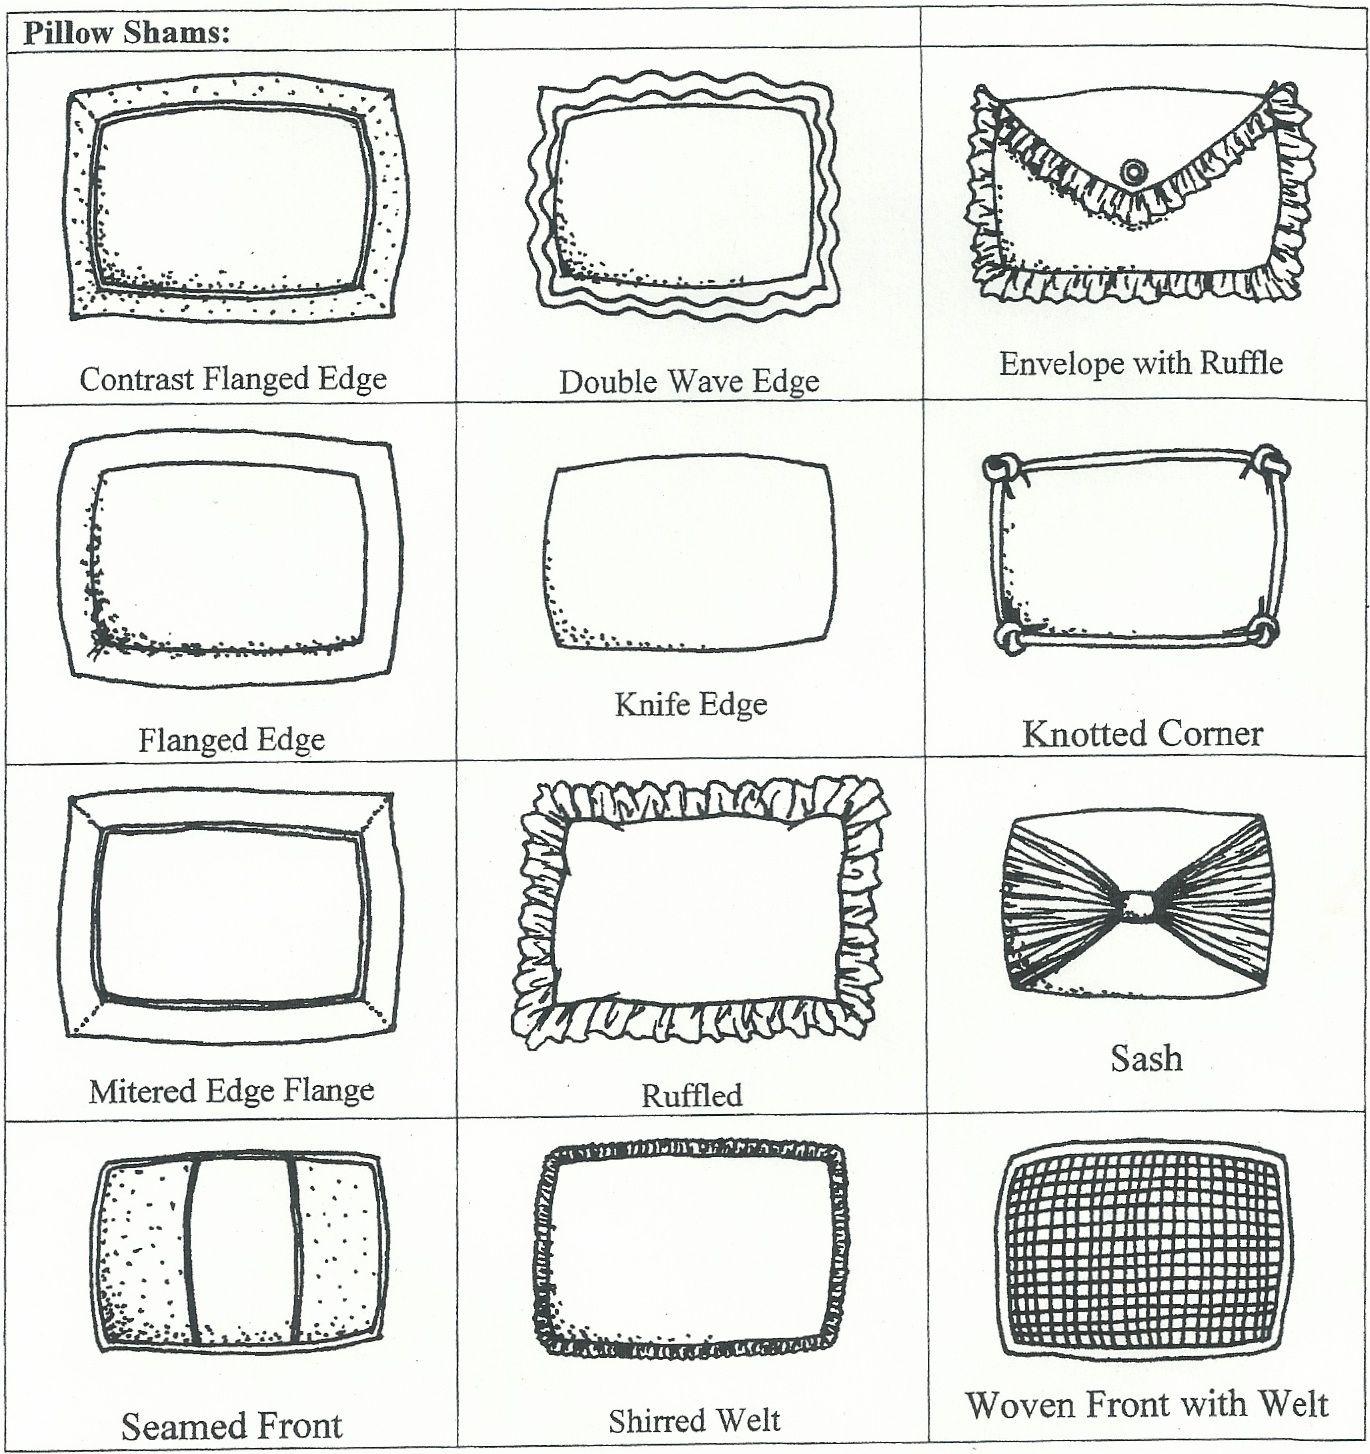 throw pillows design and styles  Throw Styles  Pillows